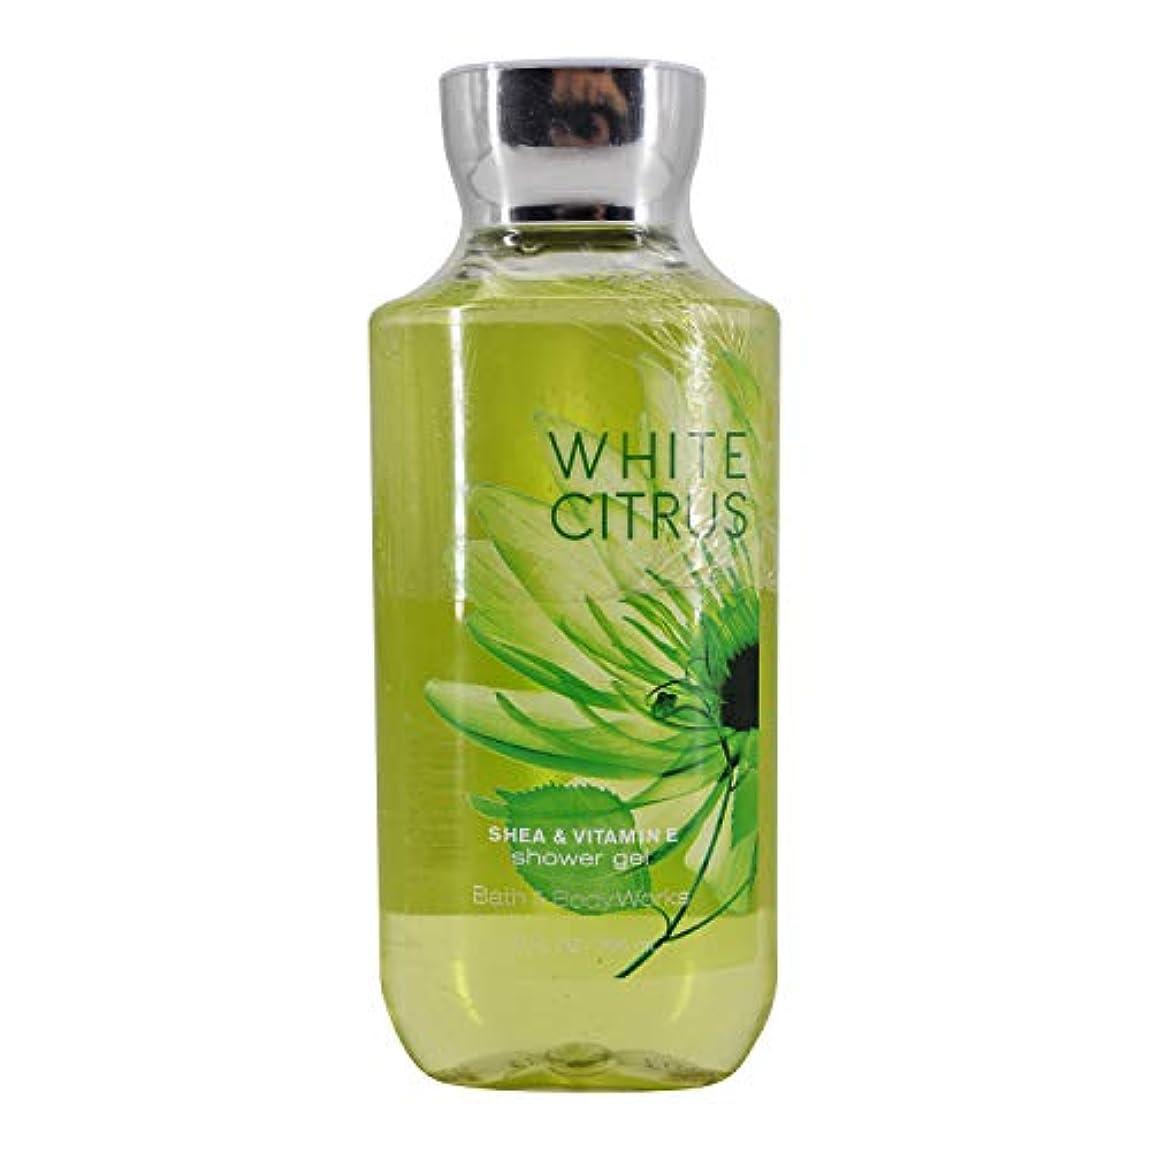 延期するモトリー絶望【Bath&Body Works/バス&ボディワークス】 シャワージェル ホワイトシトラス Shower Gel White Citrus 10 fl oz / 295 mL [並行輸入品]